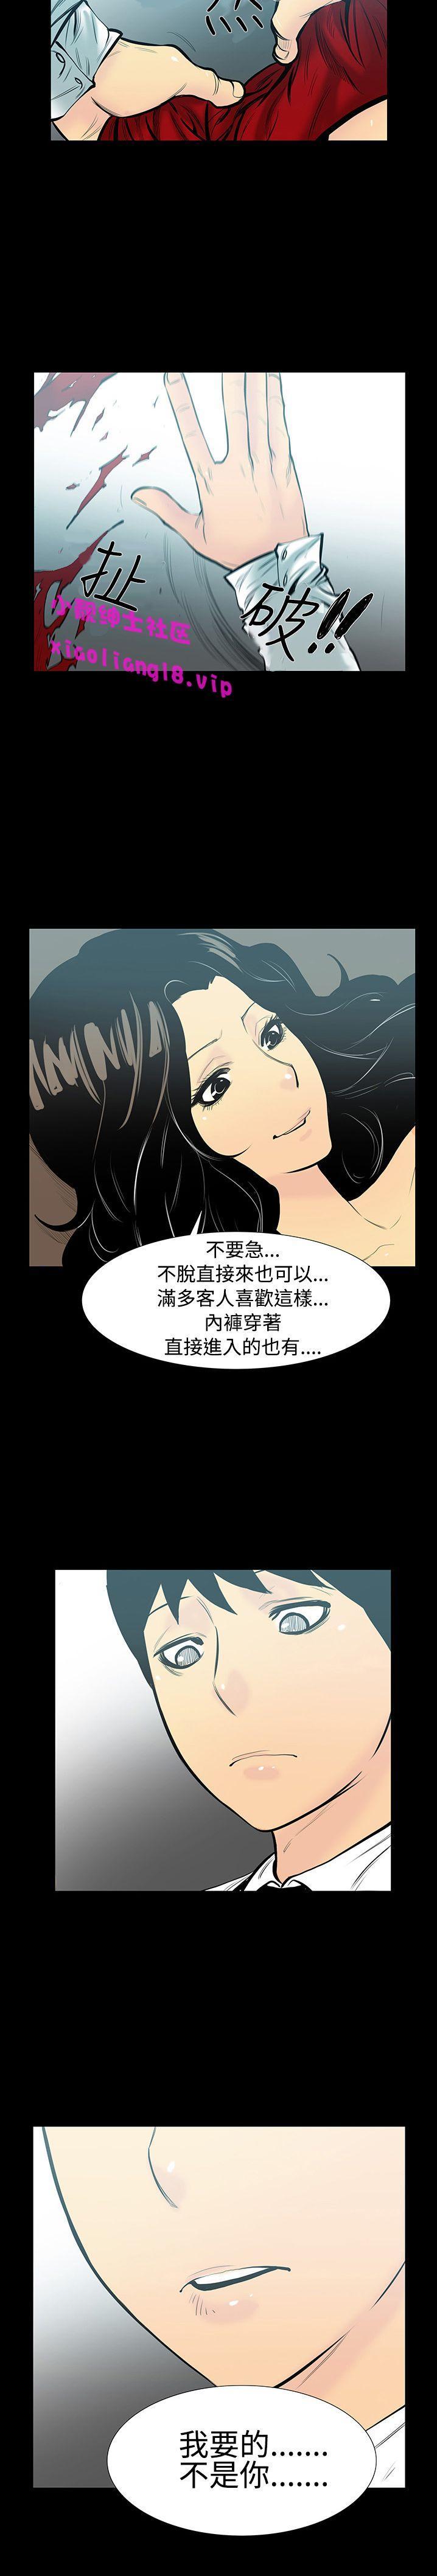 中文韩漫 無法停止的甜蜜關係 Ch.0-12 57